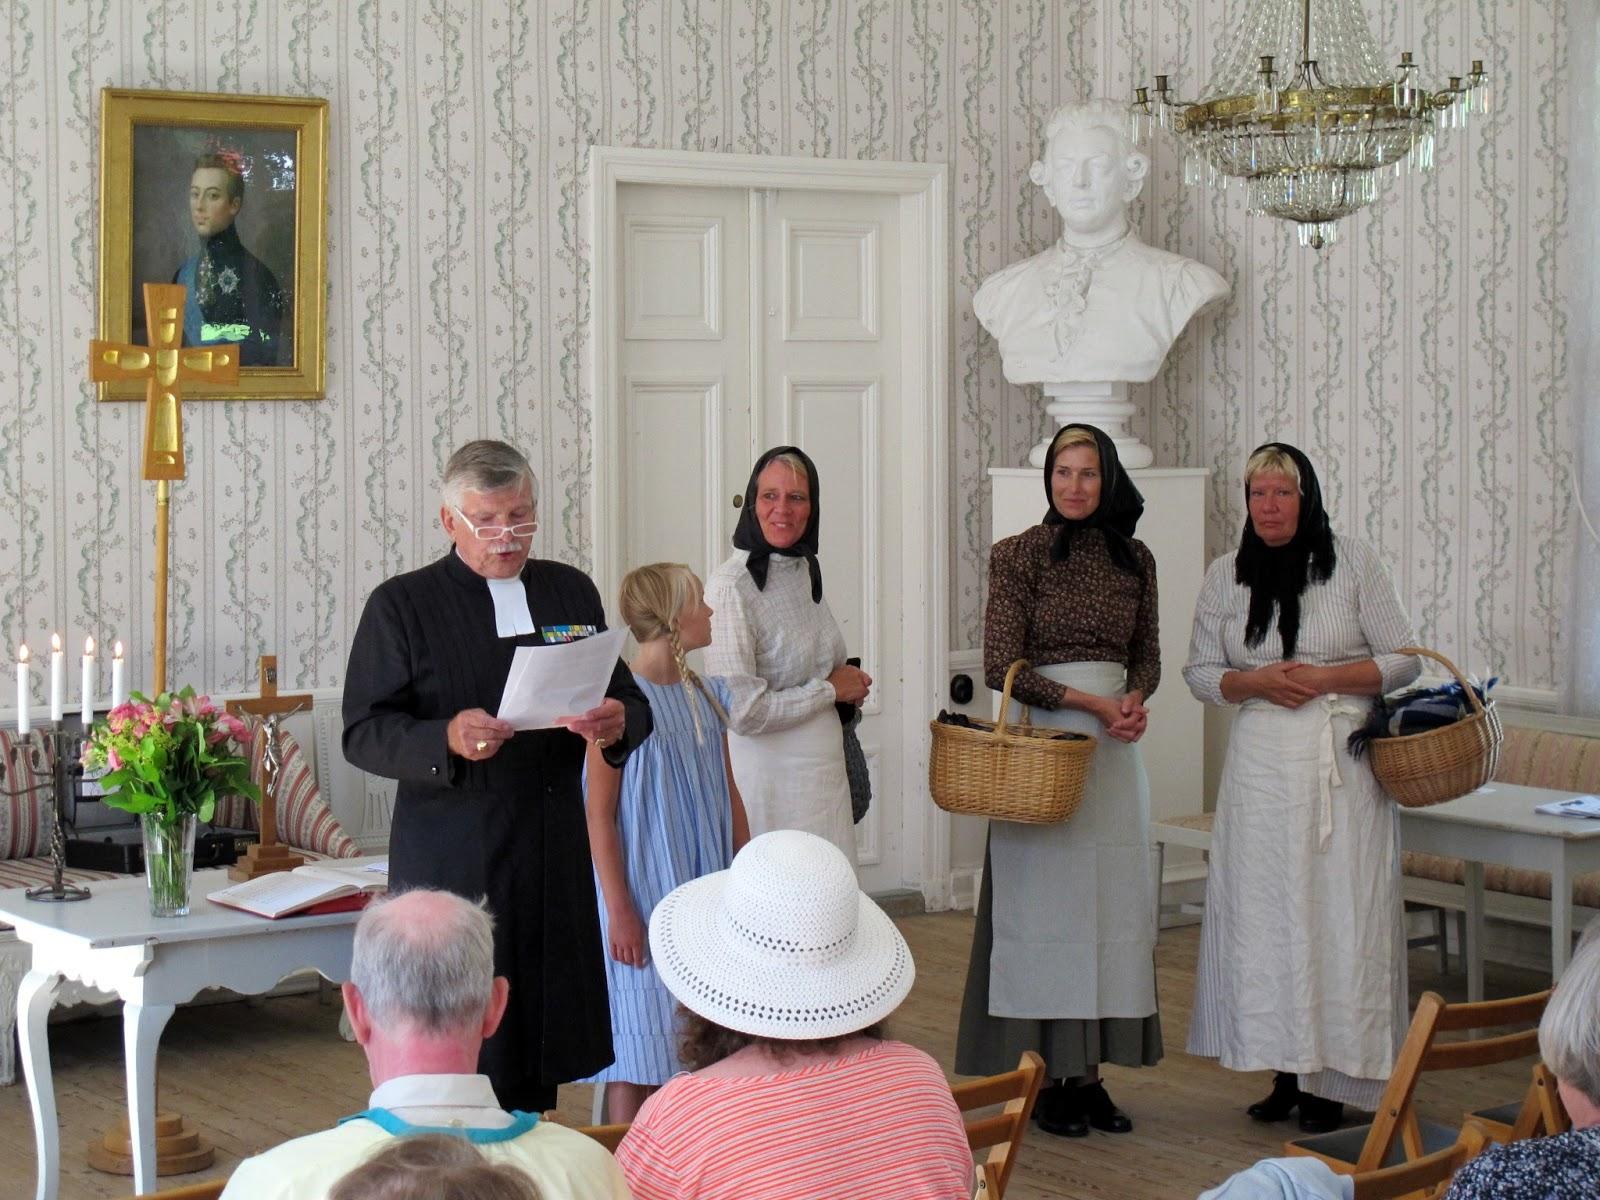 Kurt Olssons berättelse om prästens roll på Gustafsberg: